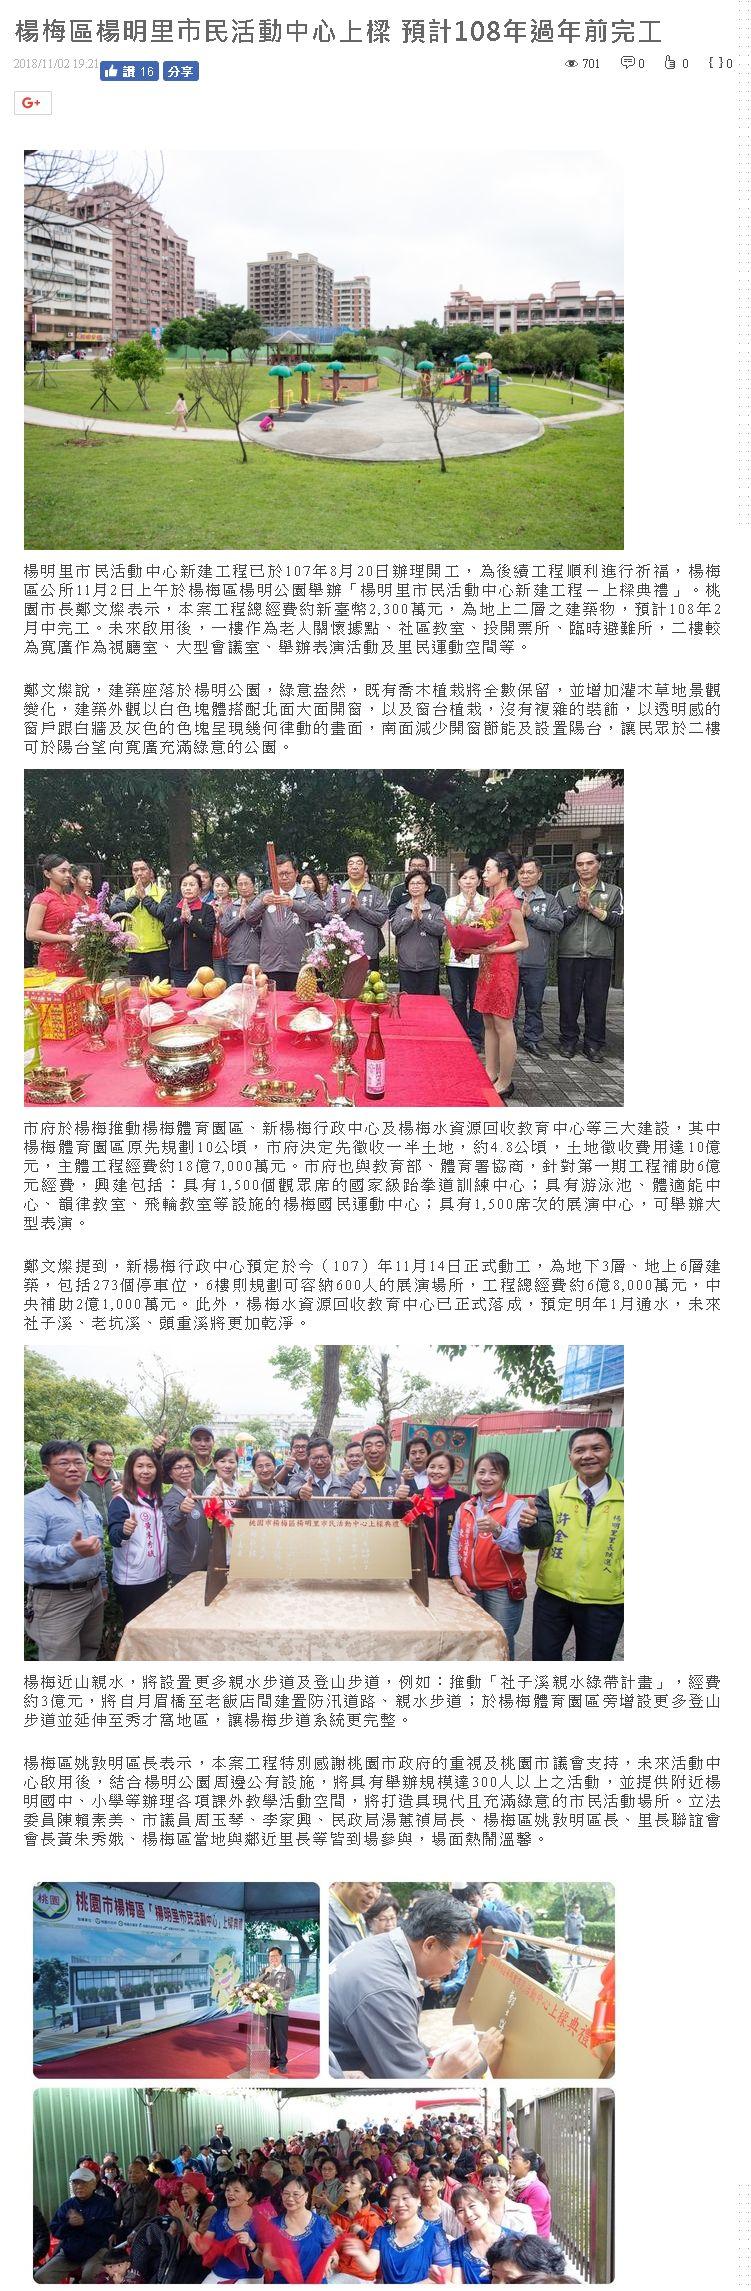 楊梅區楊明里市民活動中心上樑 預計108年過年前完工